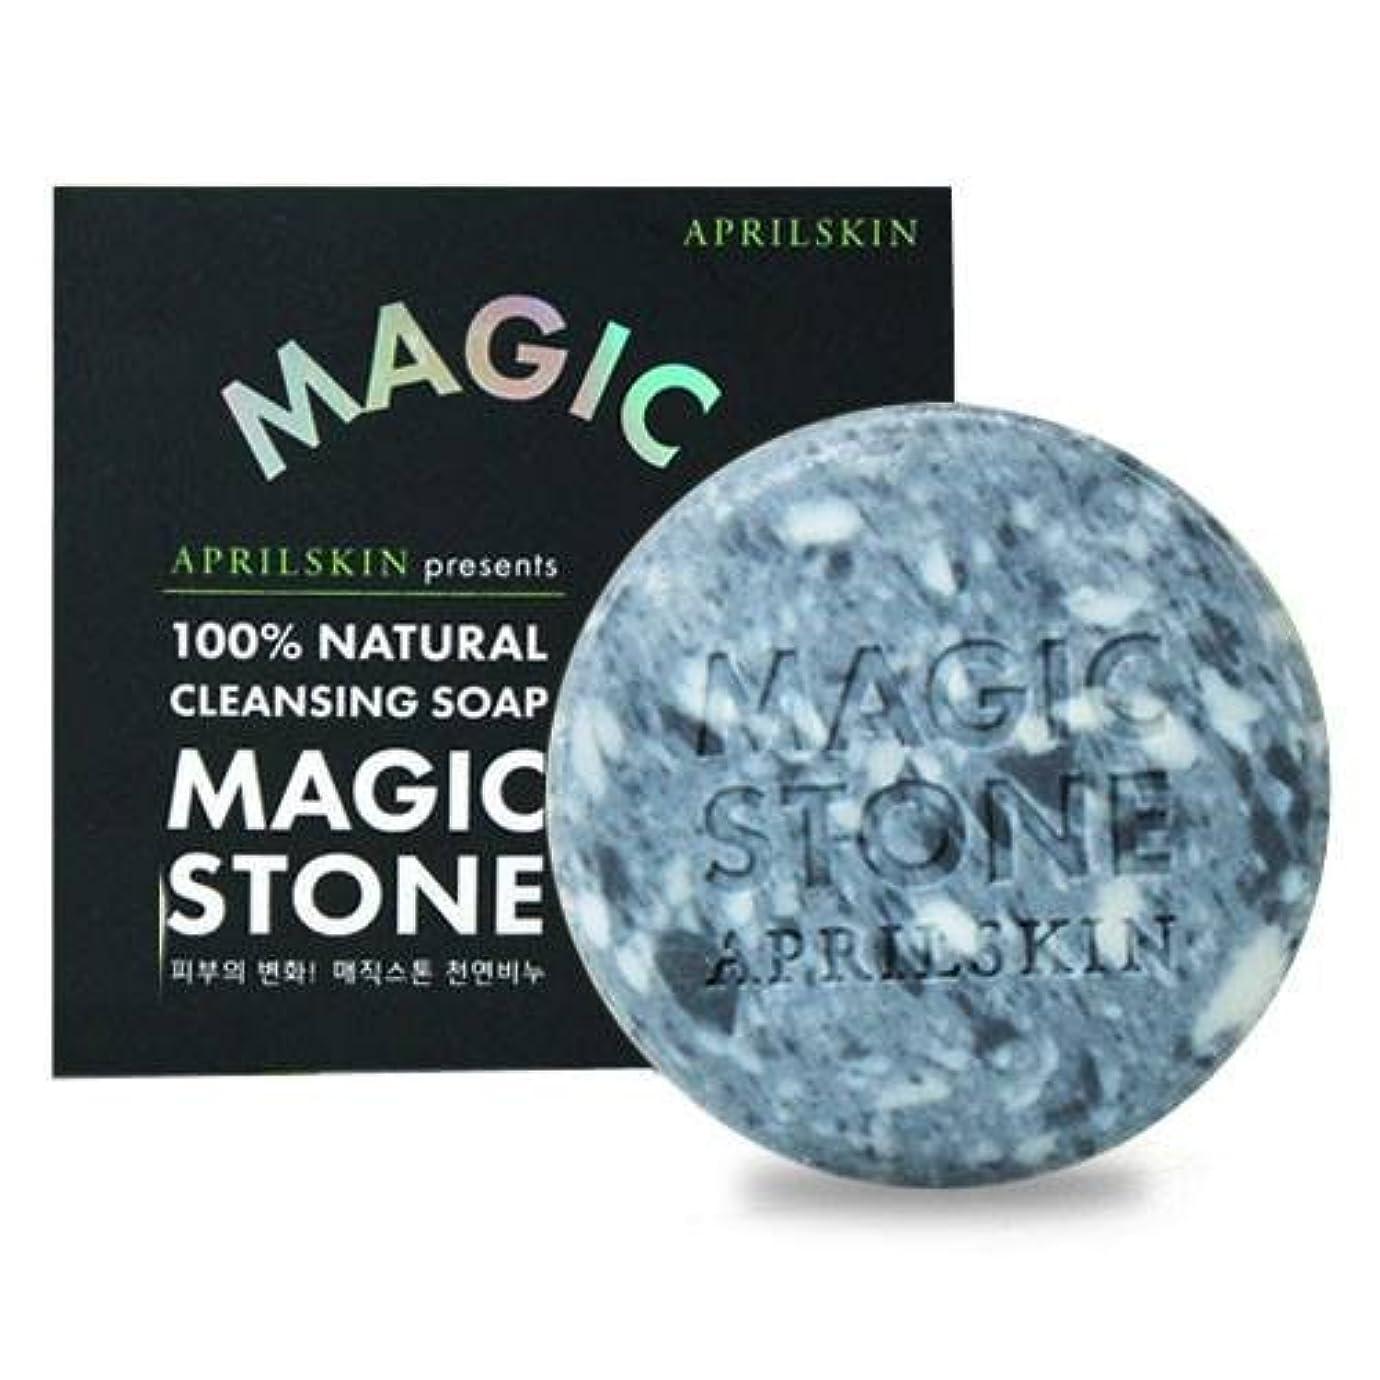 解き明かす移住する複製する[APRILSKIN] エイプリルスキン国民石鹸 (APRIL SKIN magic stone マジックストーンのリニューアルバージョン新発売) (ORIGINAL) [並行輸入品]